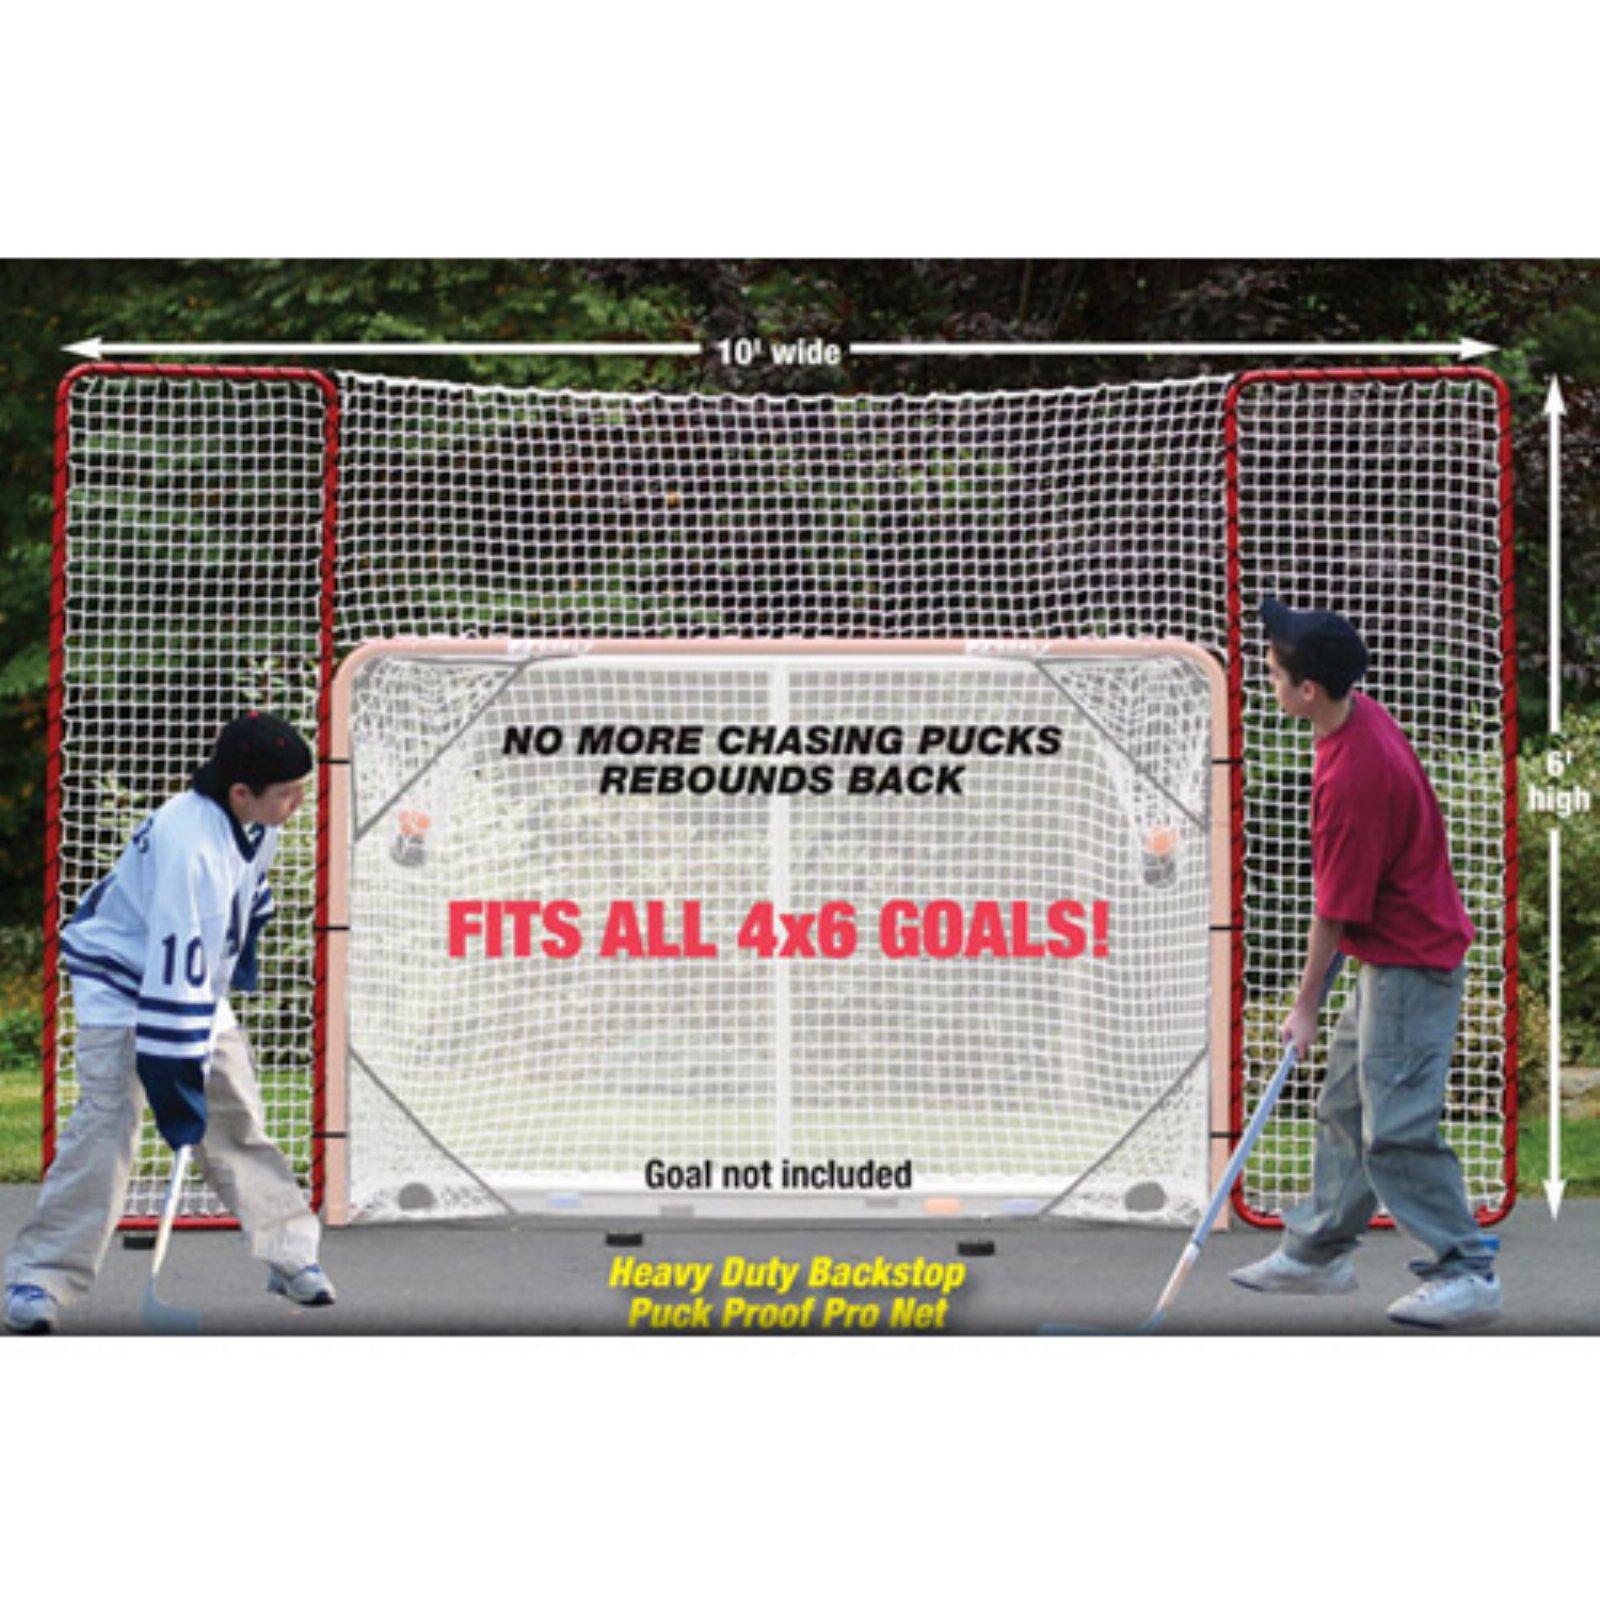 EZ Goal 10 x 6 ft. Hockey Backstop